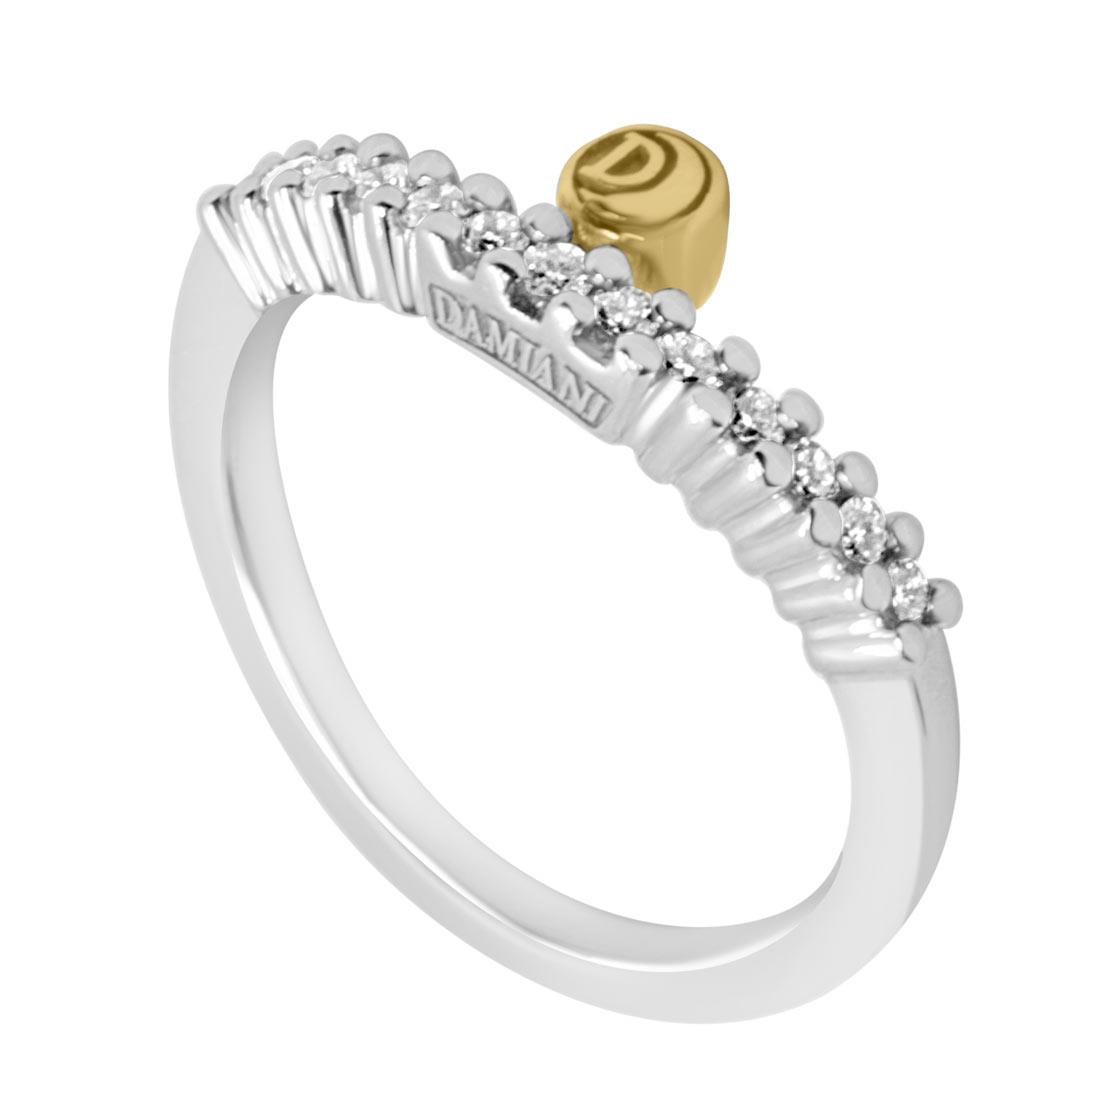 Anello Damiani in oro bianco e diamanti ct 0,24 mis 15 - DAMIANI